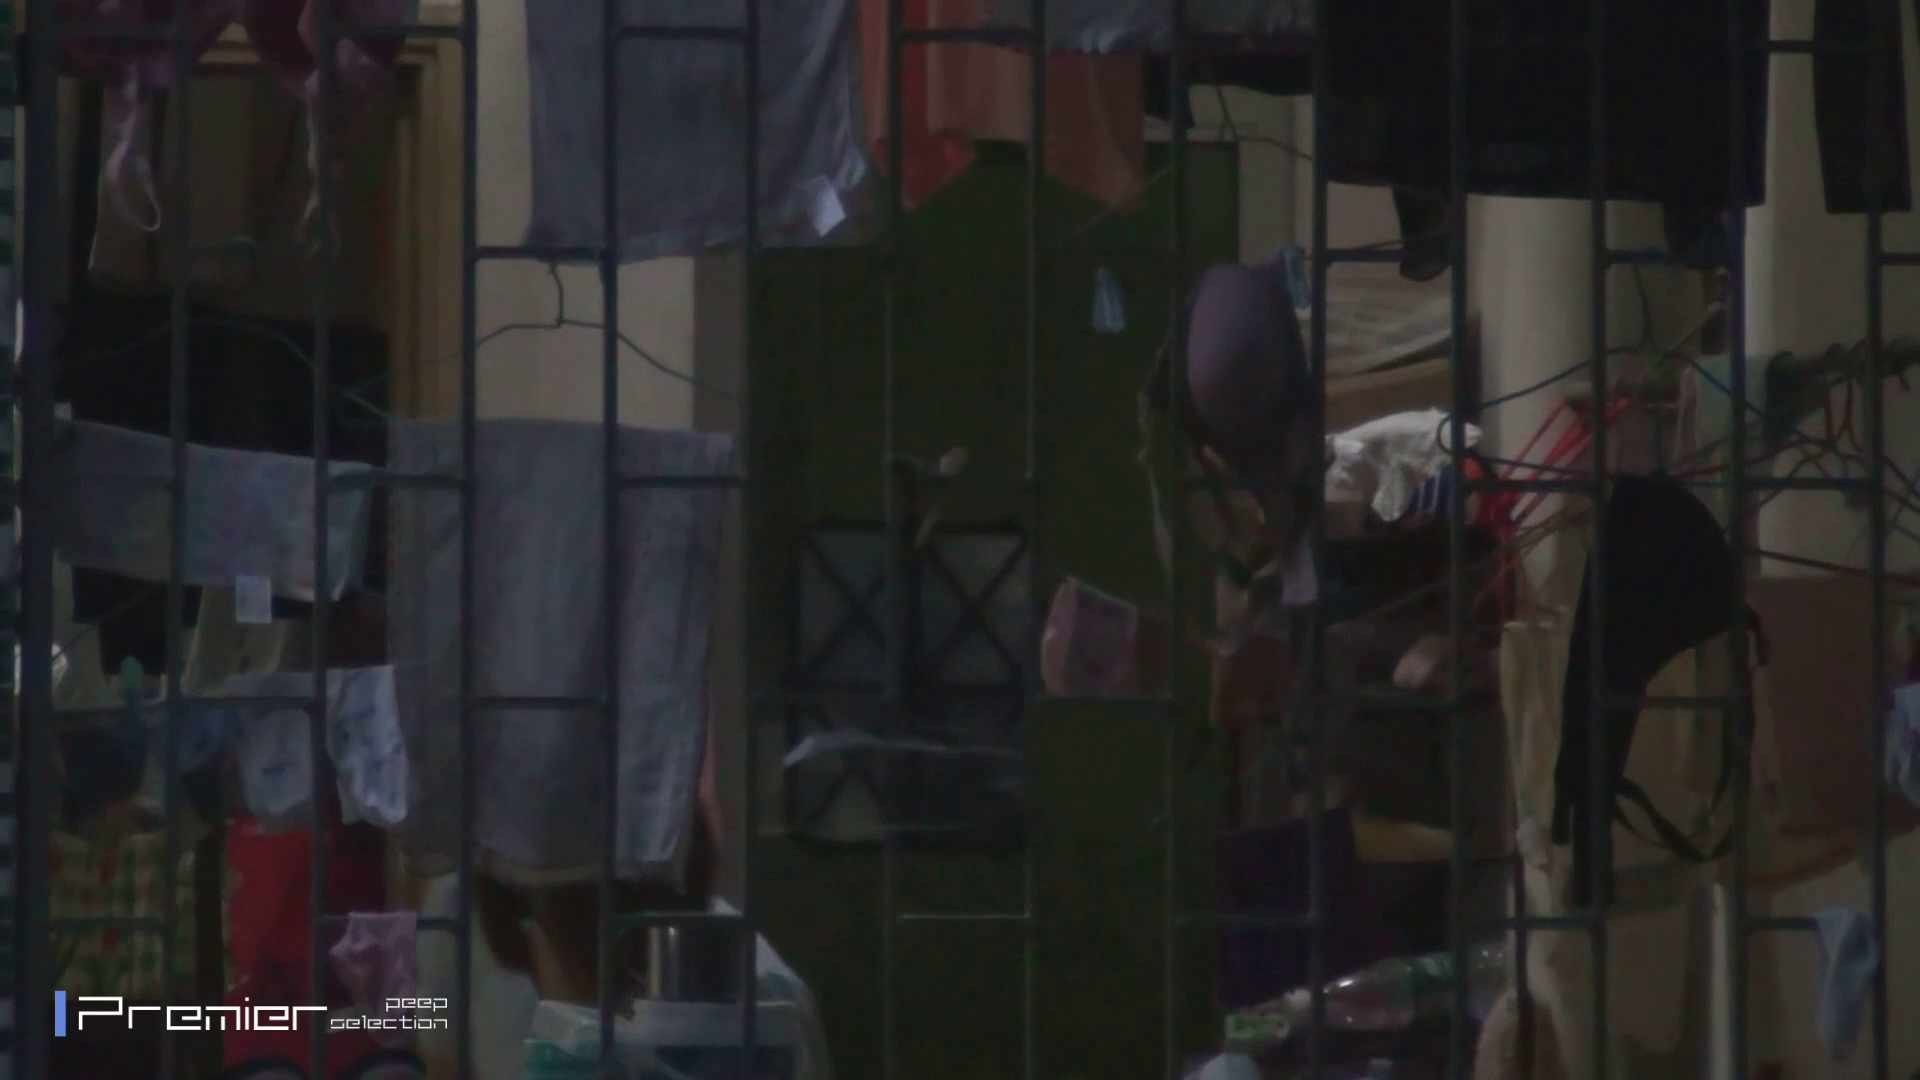 激撮り美女の洗顔シーン Vol.05 美女の痴態に密着! 美女 すけべAV動画紹介 77連発 15